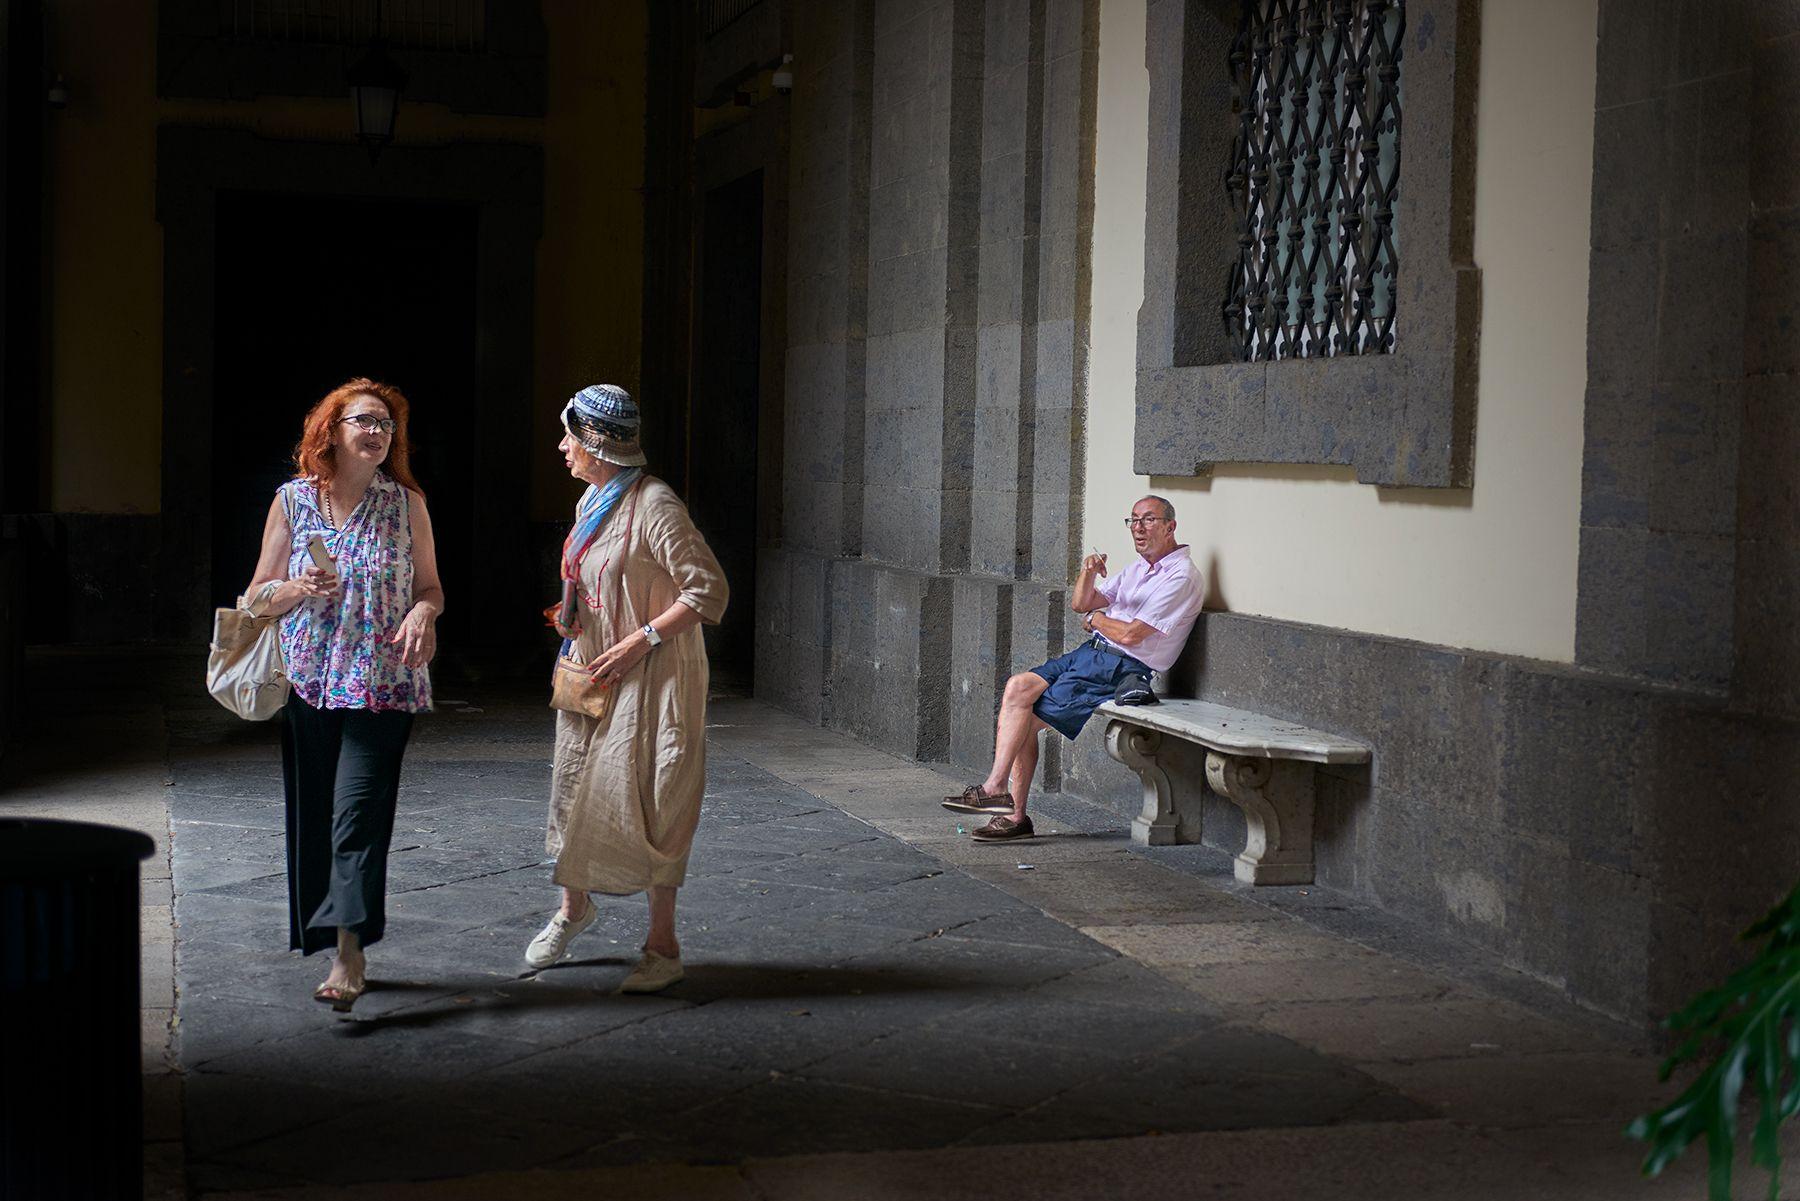 En el pasillo del Museo de Capodimonte, Nápoles, Italia.